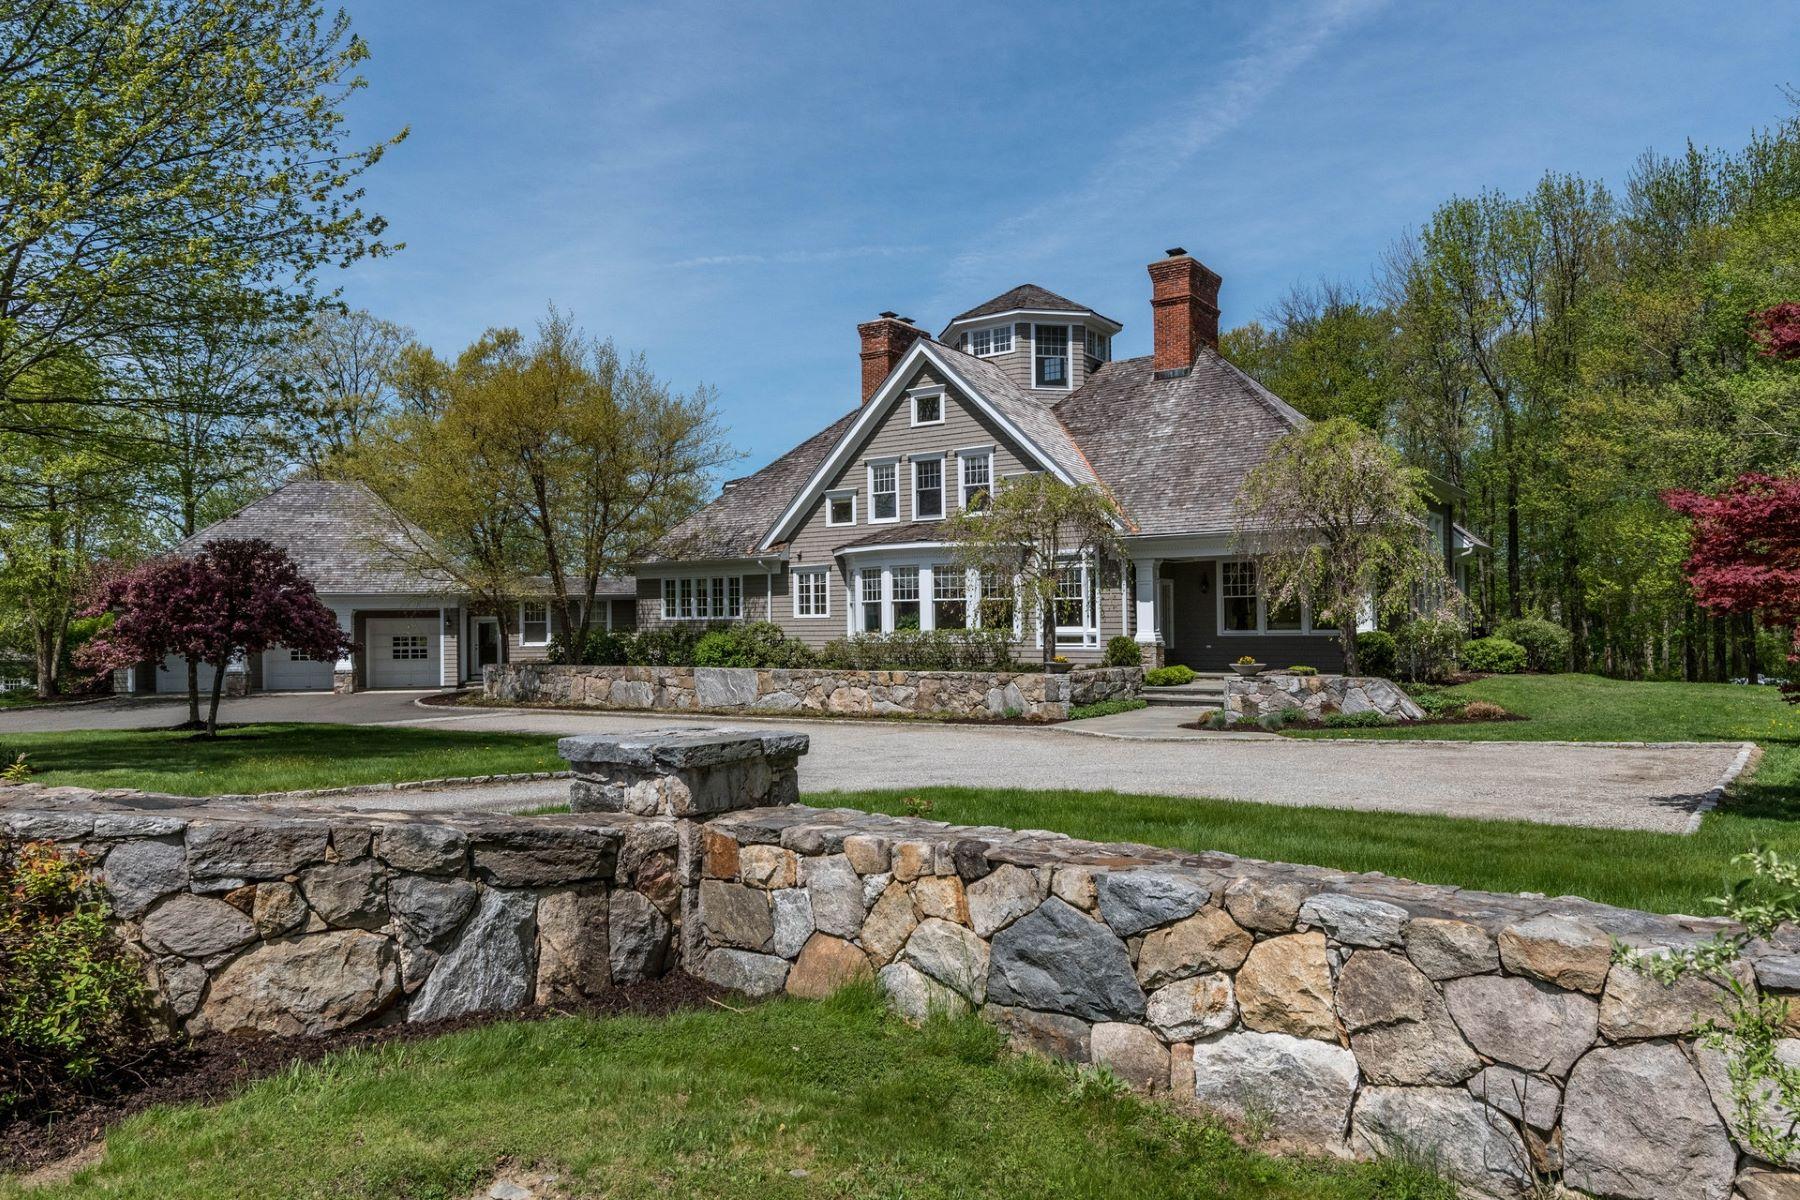 独户住宅 为 销售 在 CUSTOM COLONIAL 1 Meadows Edge 雷丁, 康涅狄格州 06896 美国